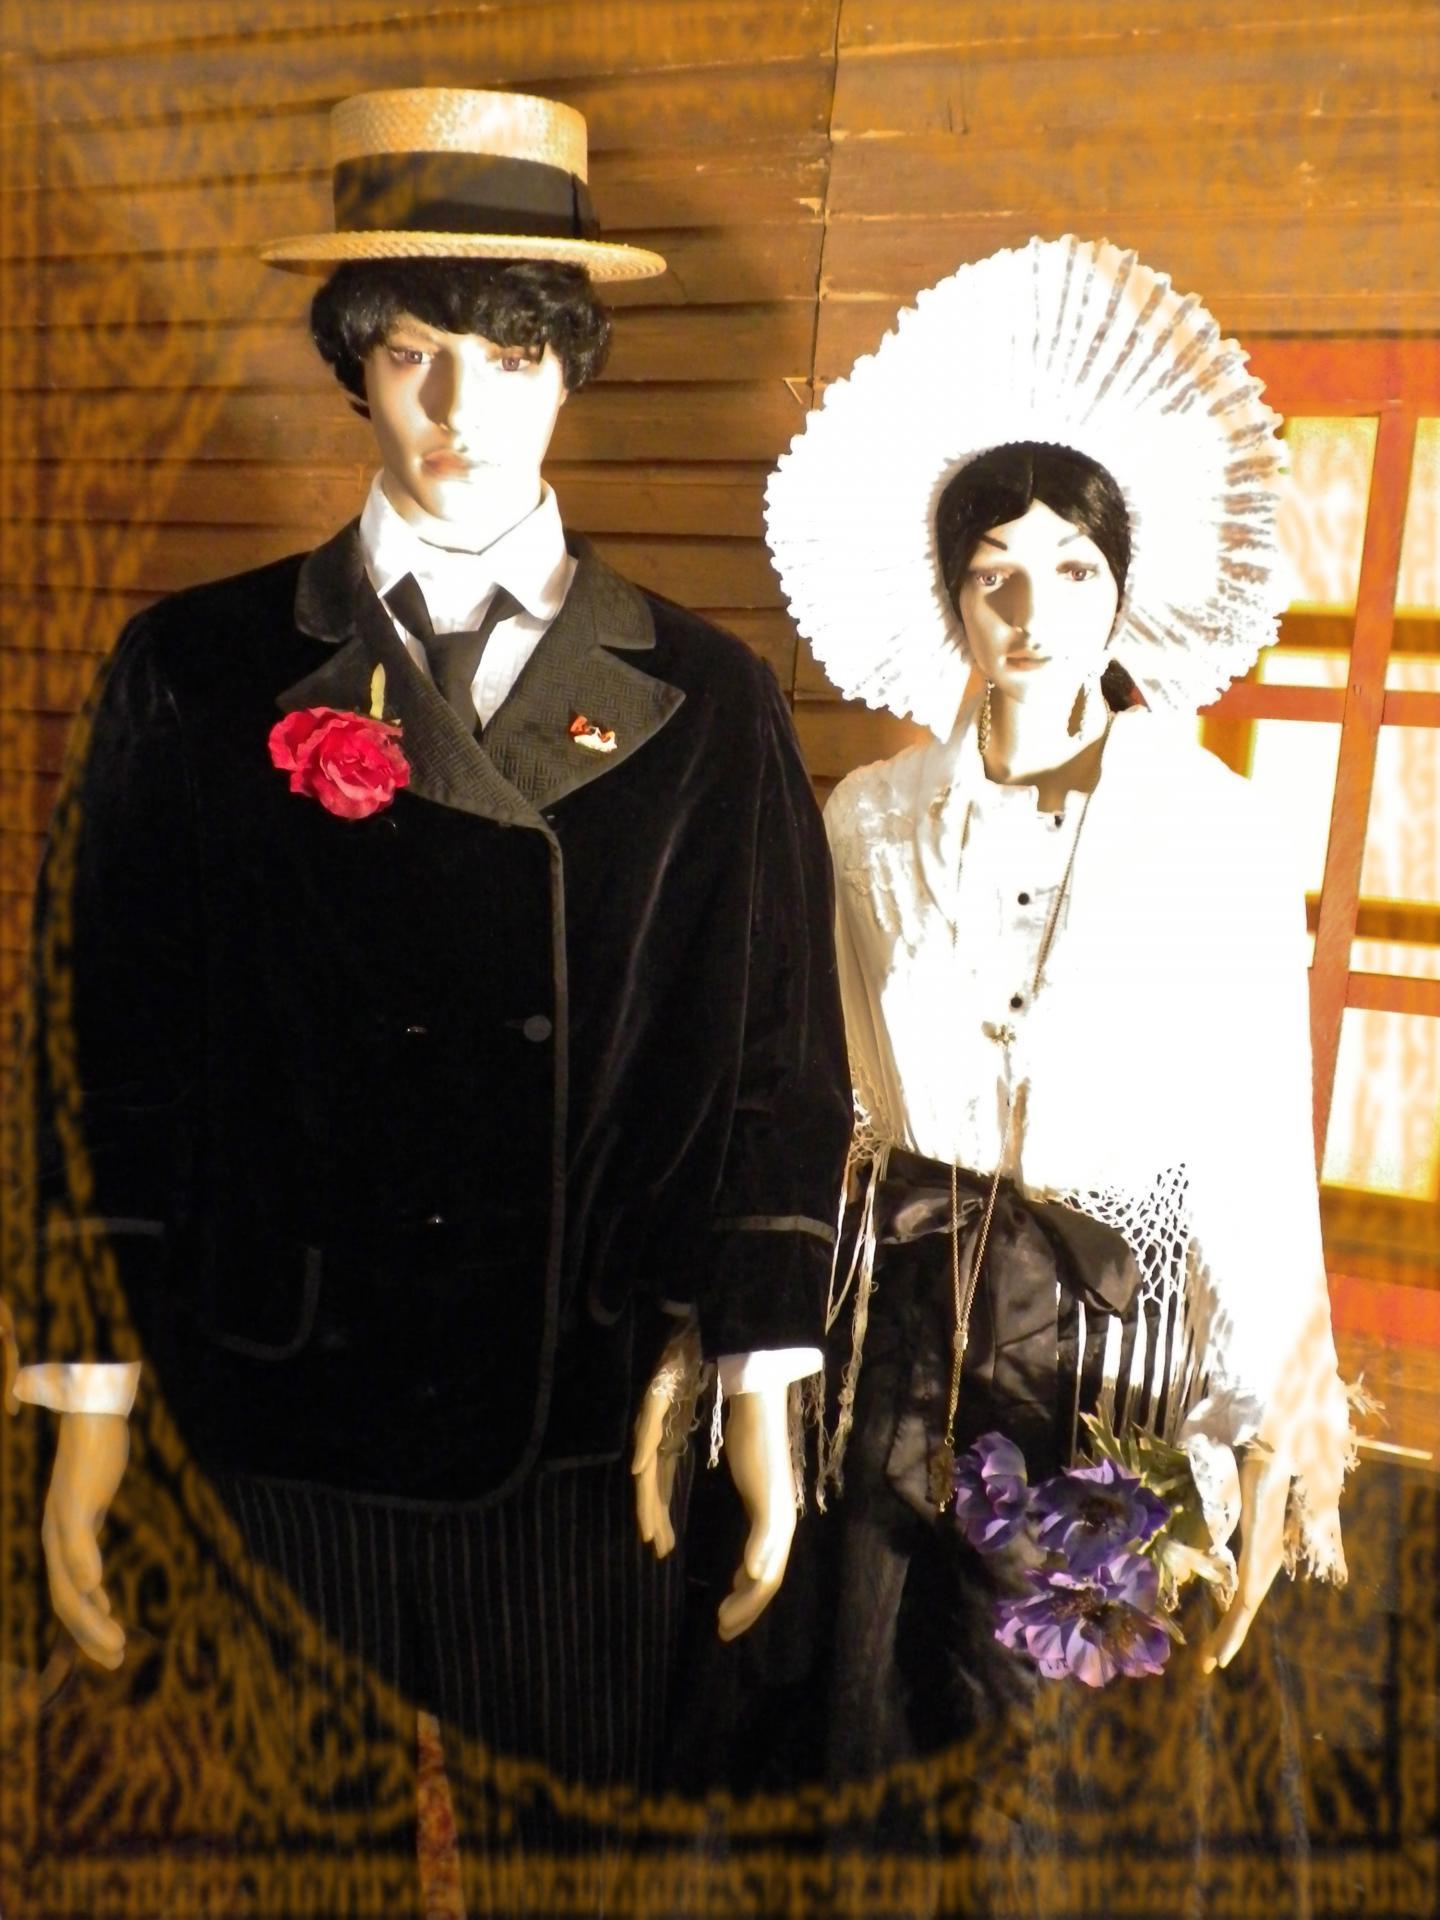 Mariage de magritte mulard et jean paul souville 1